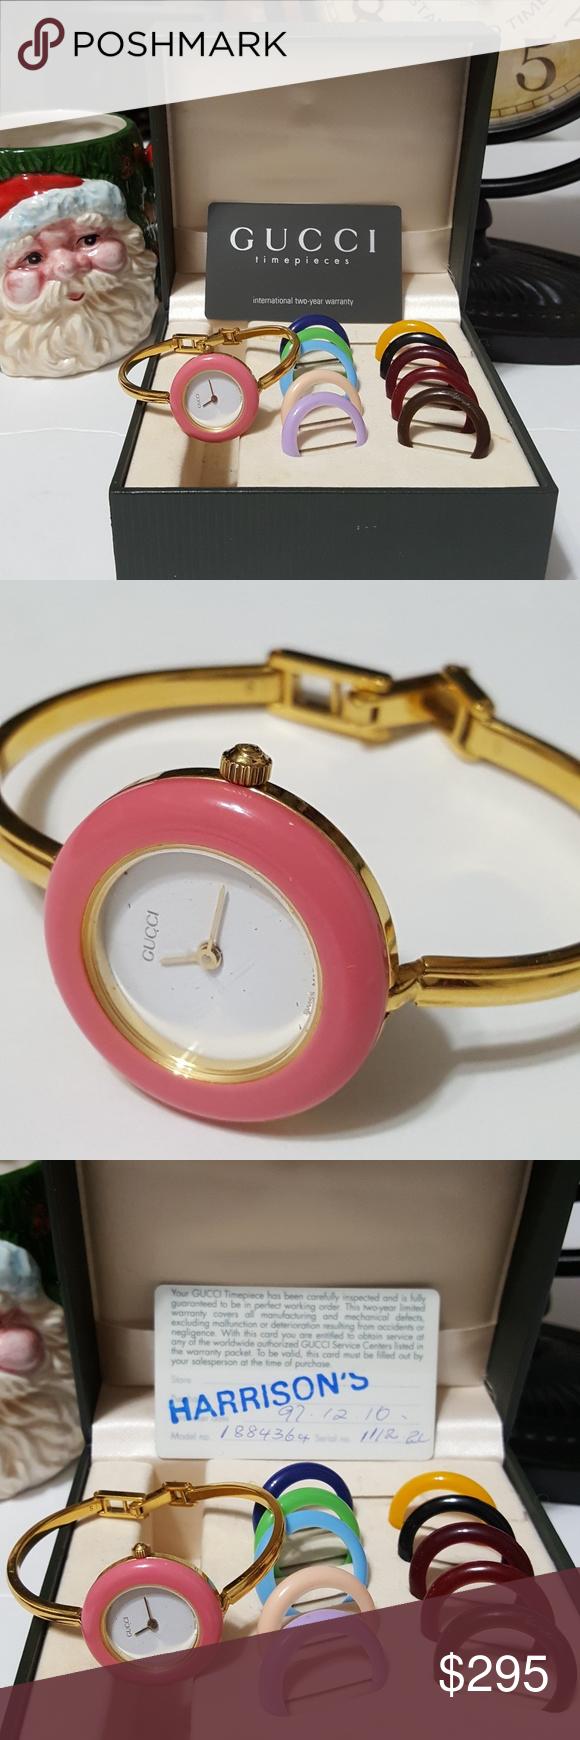 4919d29e18832 Authentic Gucci 1100-L Bezel Women s Watch